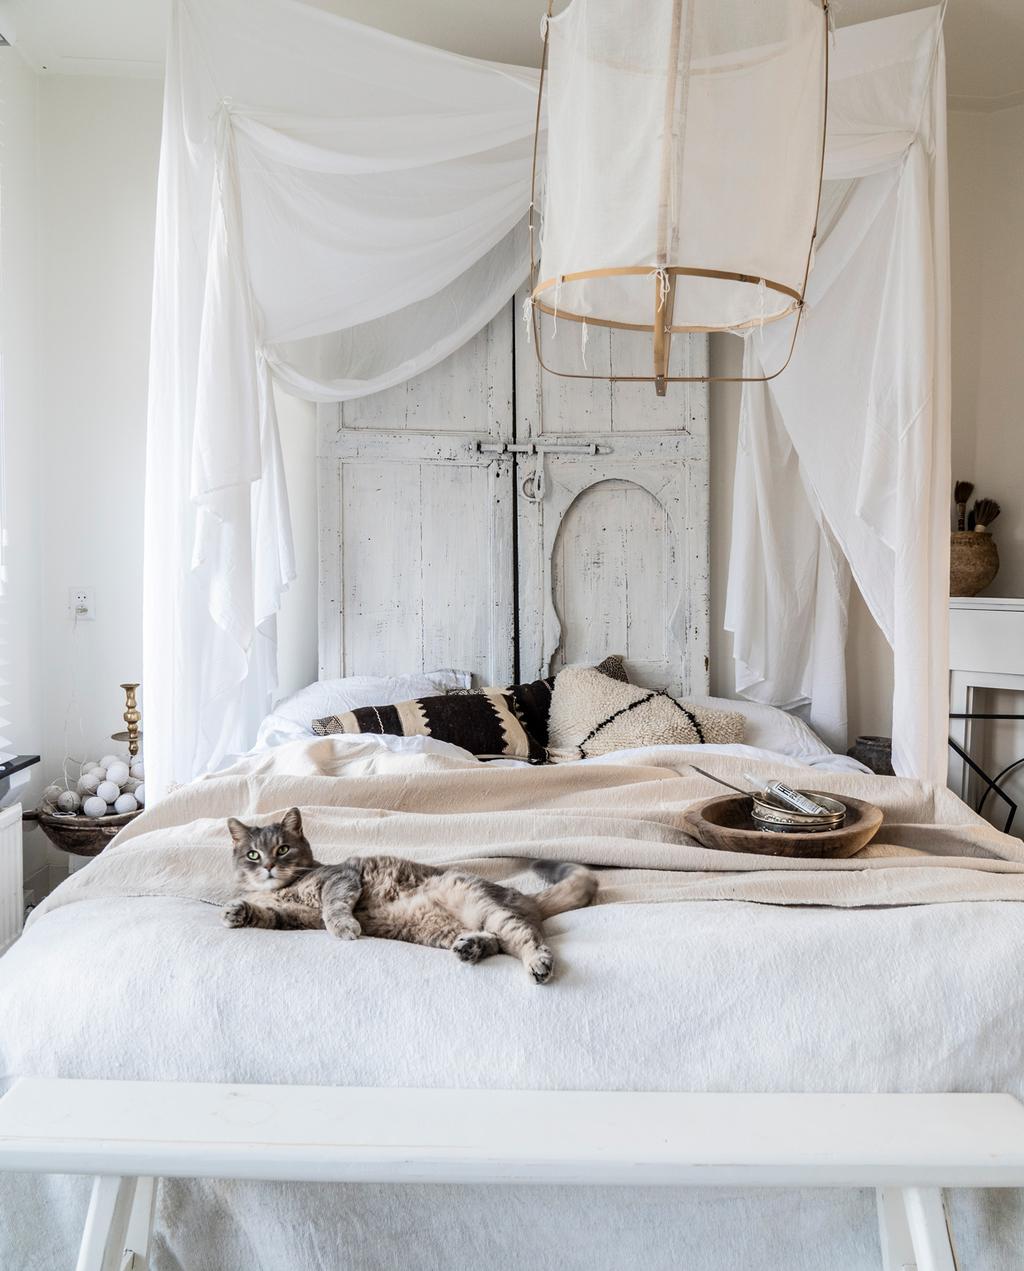 vtwonen binnenkijken special 2019 | slaapkamer wit